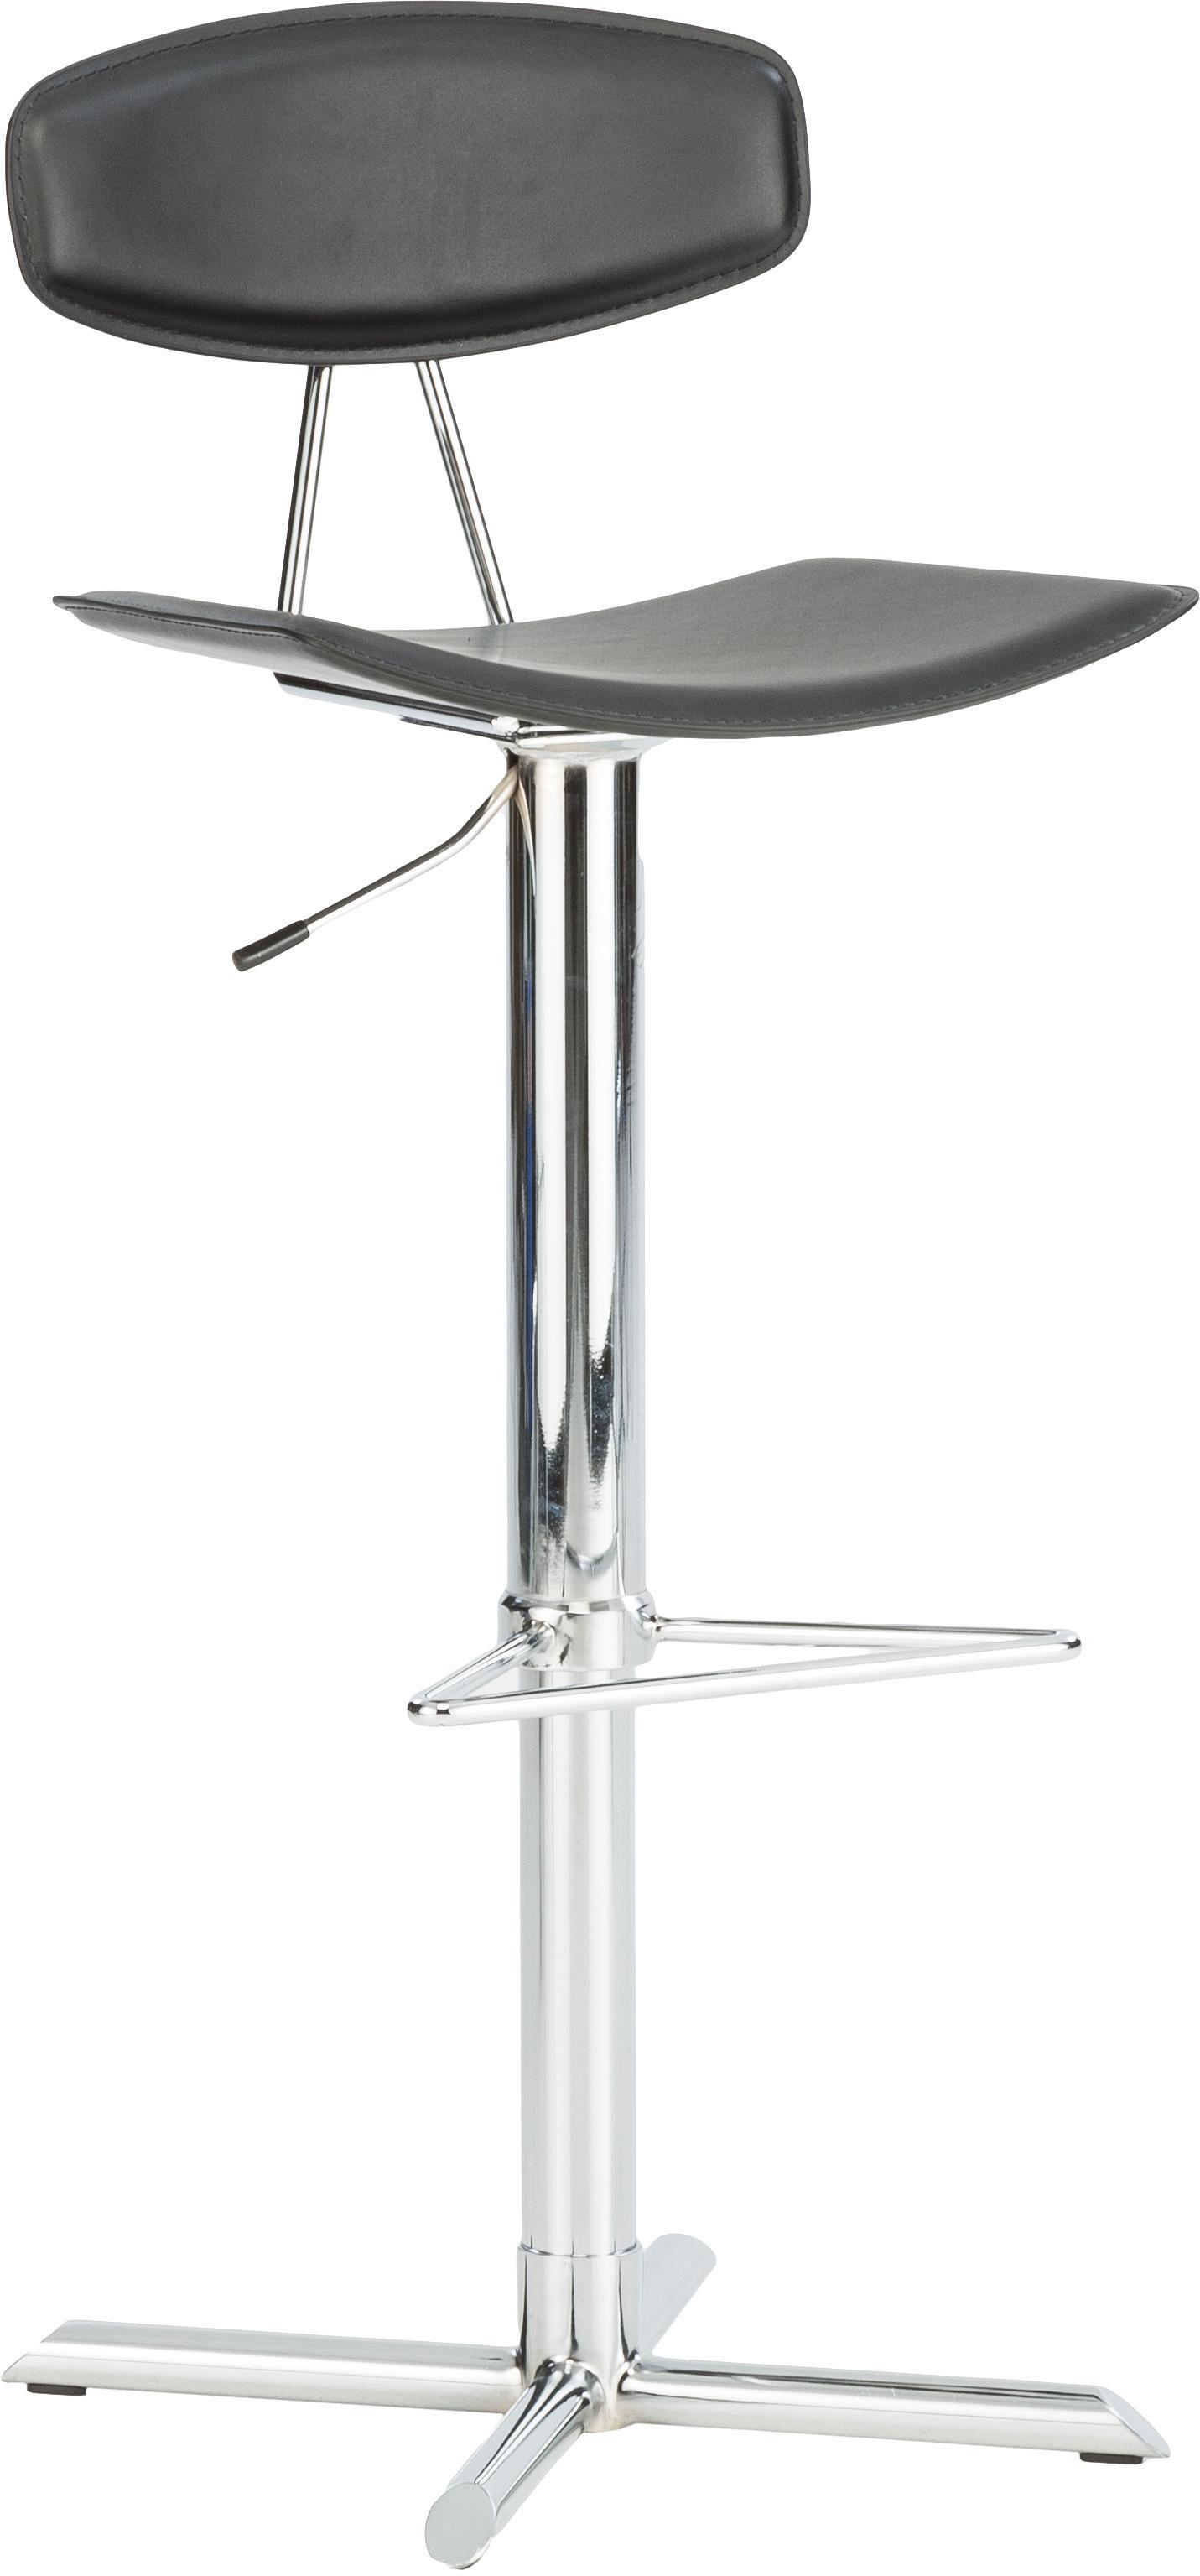 Sedia da bar Oulu, Rivestimento: pelle, rilegato, Gambe: metallo, cromato, Nero, metallo, cromato, L 43 x A 103 cm